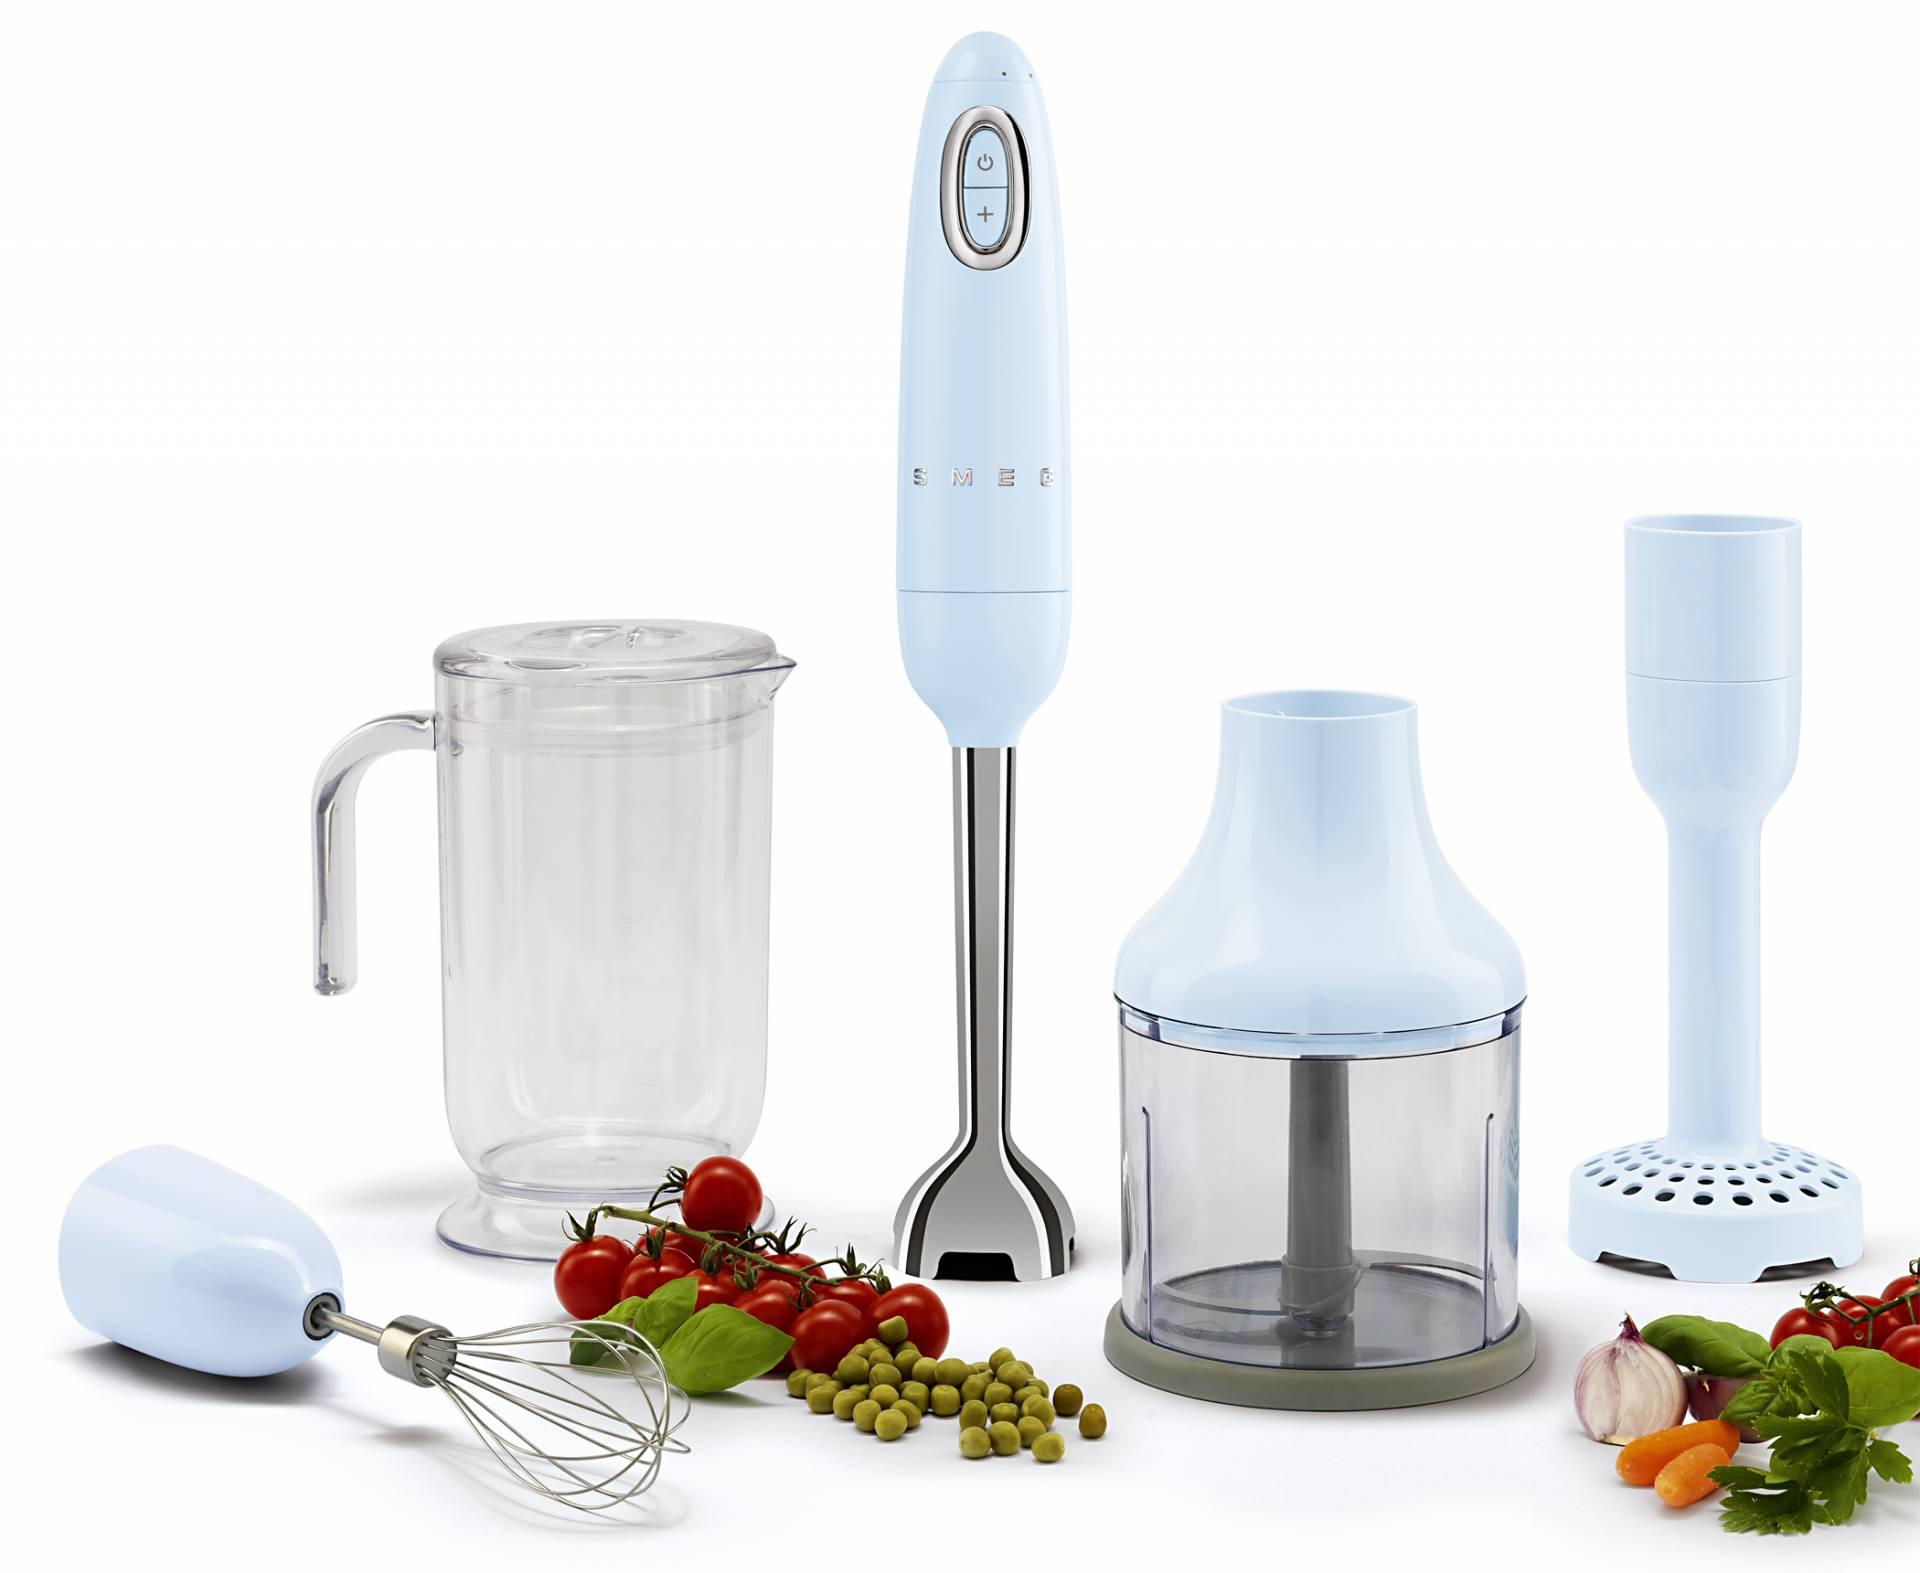 Smeg Kühlschrank Testbericht : Smeg stabmixer set retro